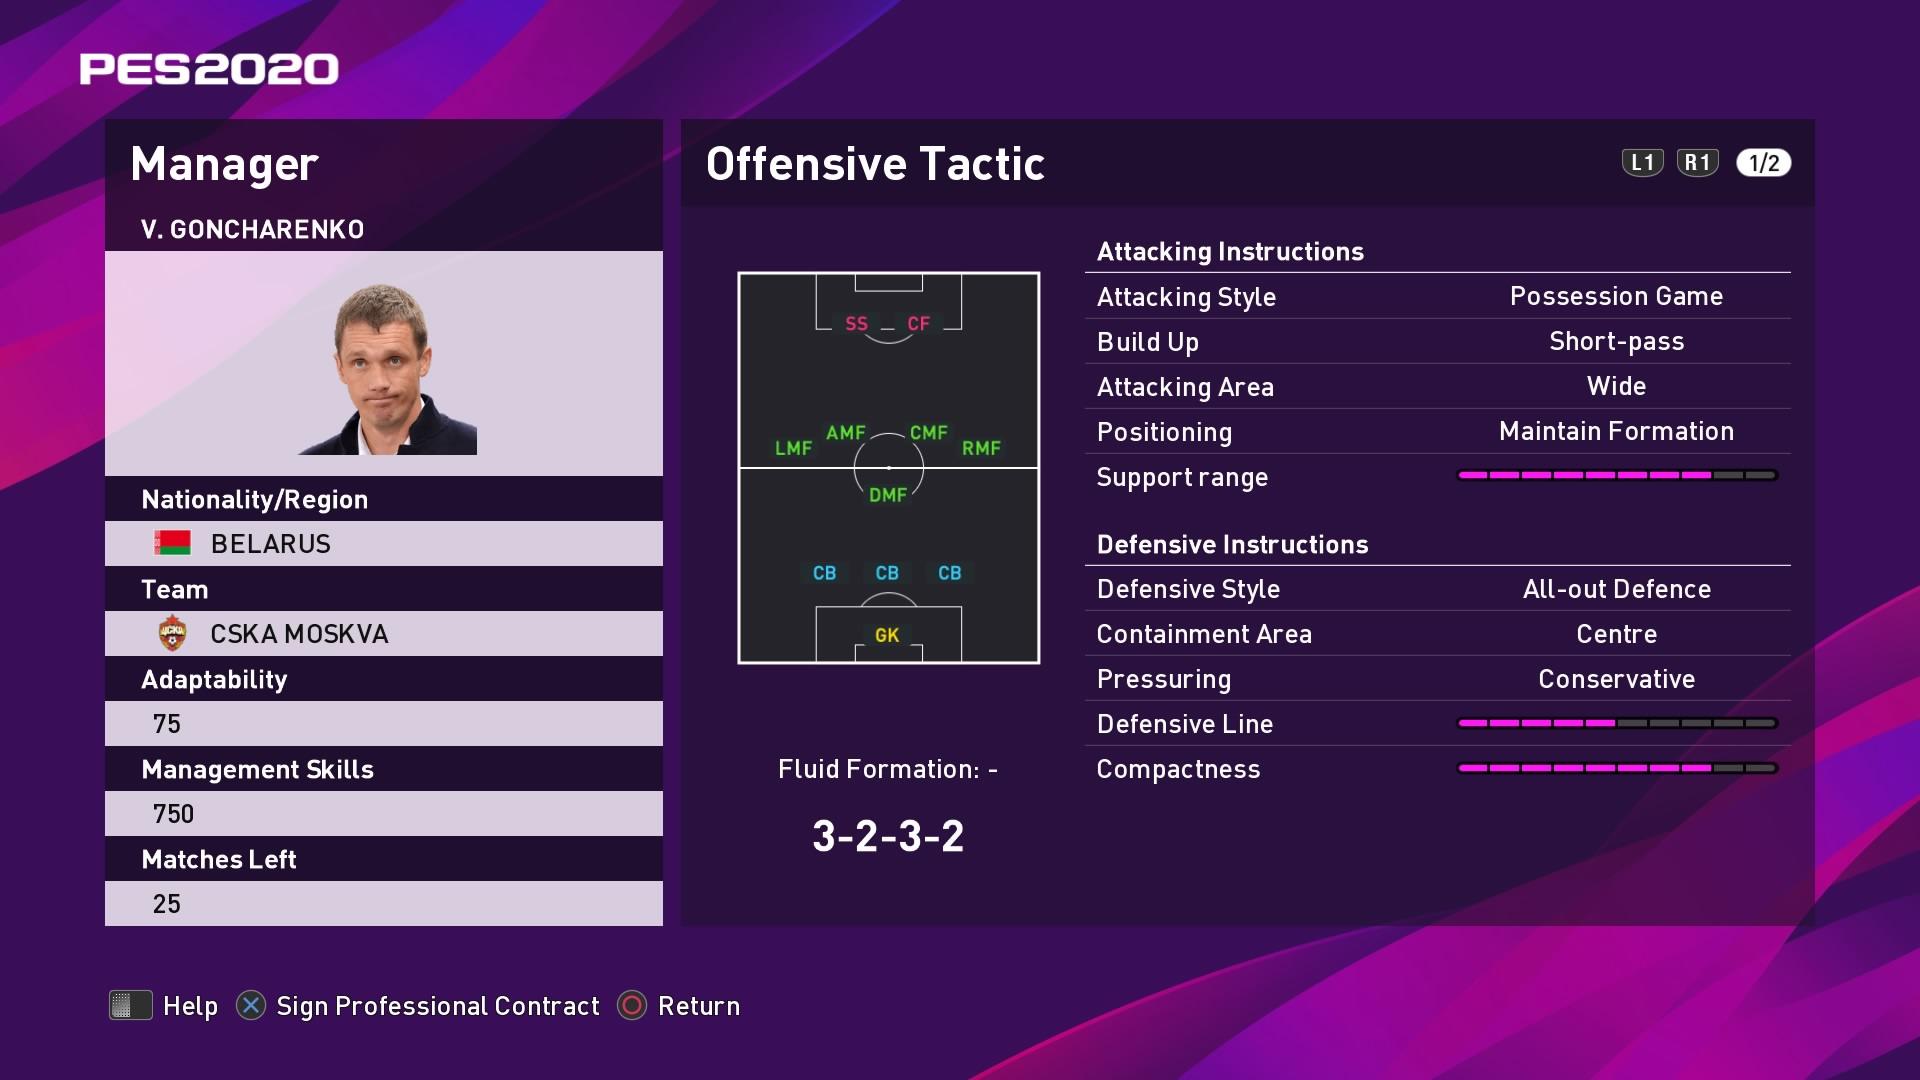 V. Goncharenko (Viktor Goncharenko) Offensive Tactic in PES 2020 myClub